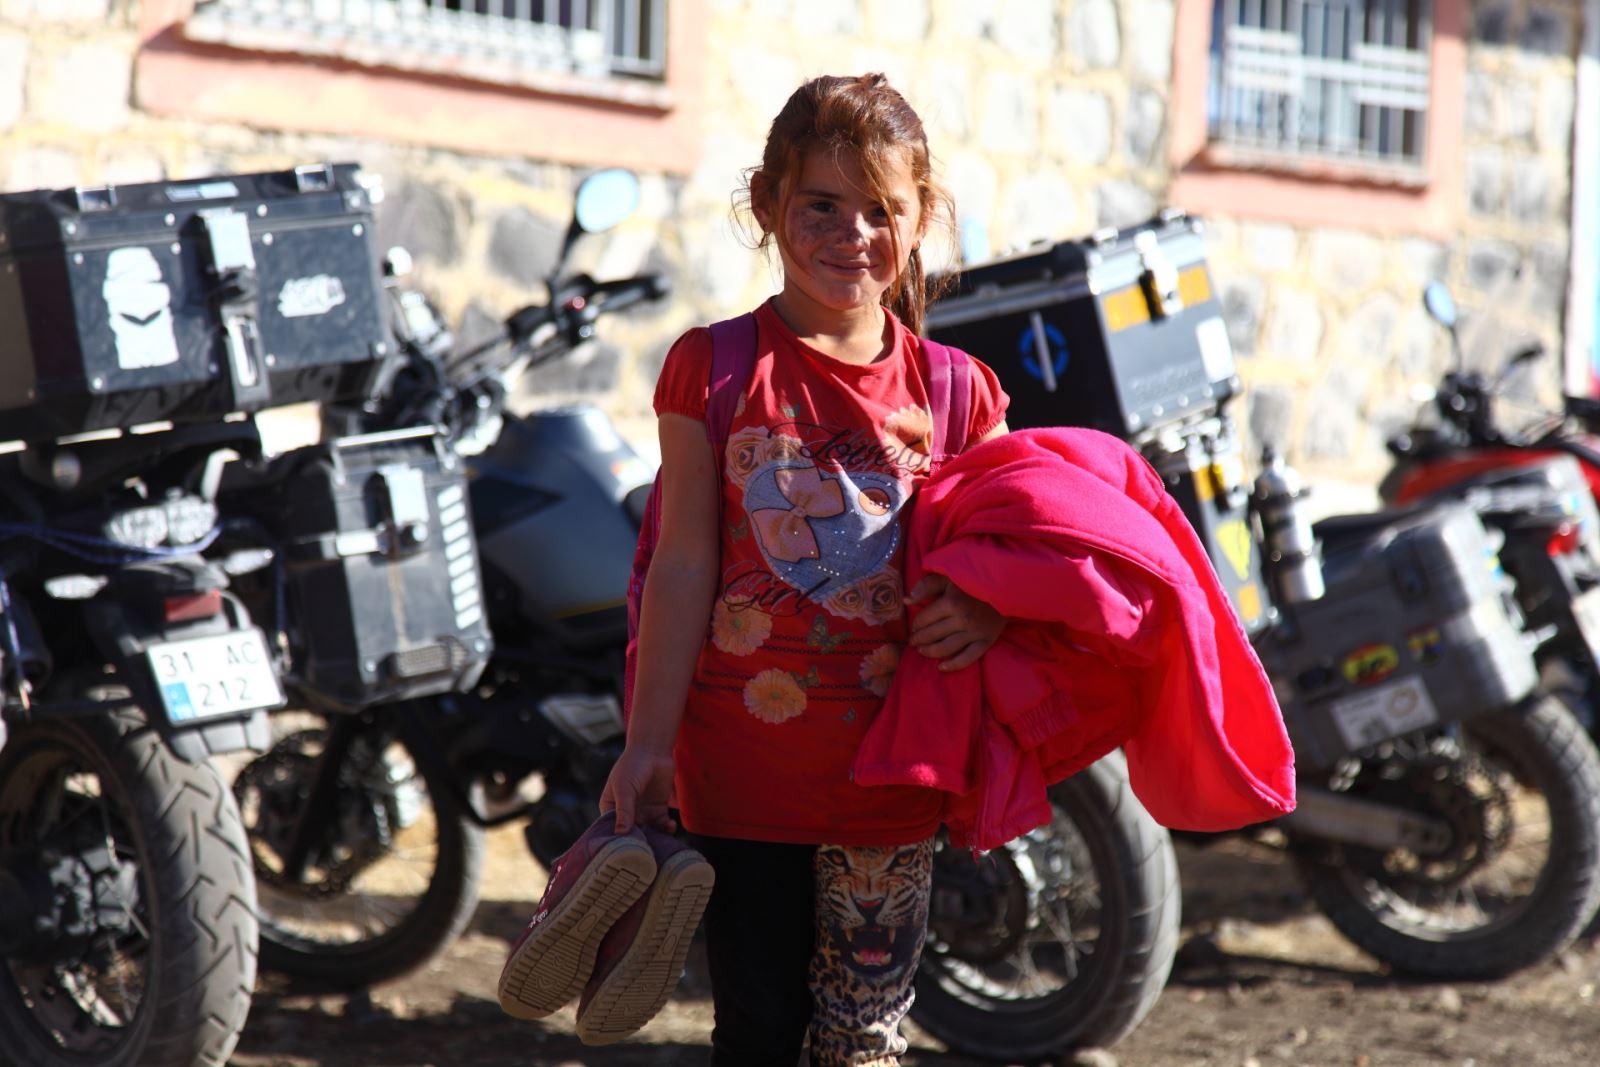 Umudun Adı: İlker Kül Ve 1000 Motorcu 1000 Çocuk Projesi 18. İçerik Fotoğrafı